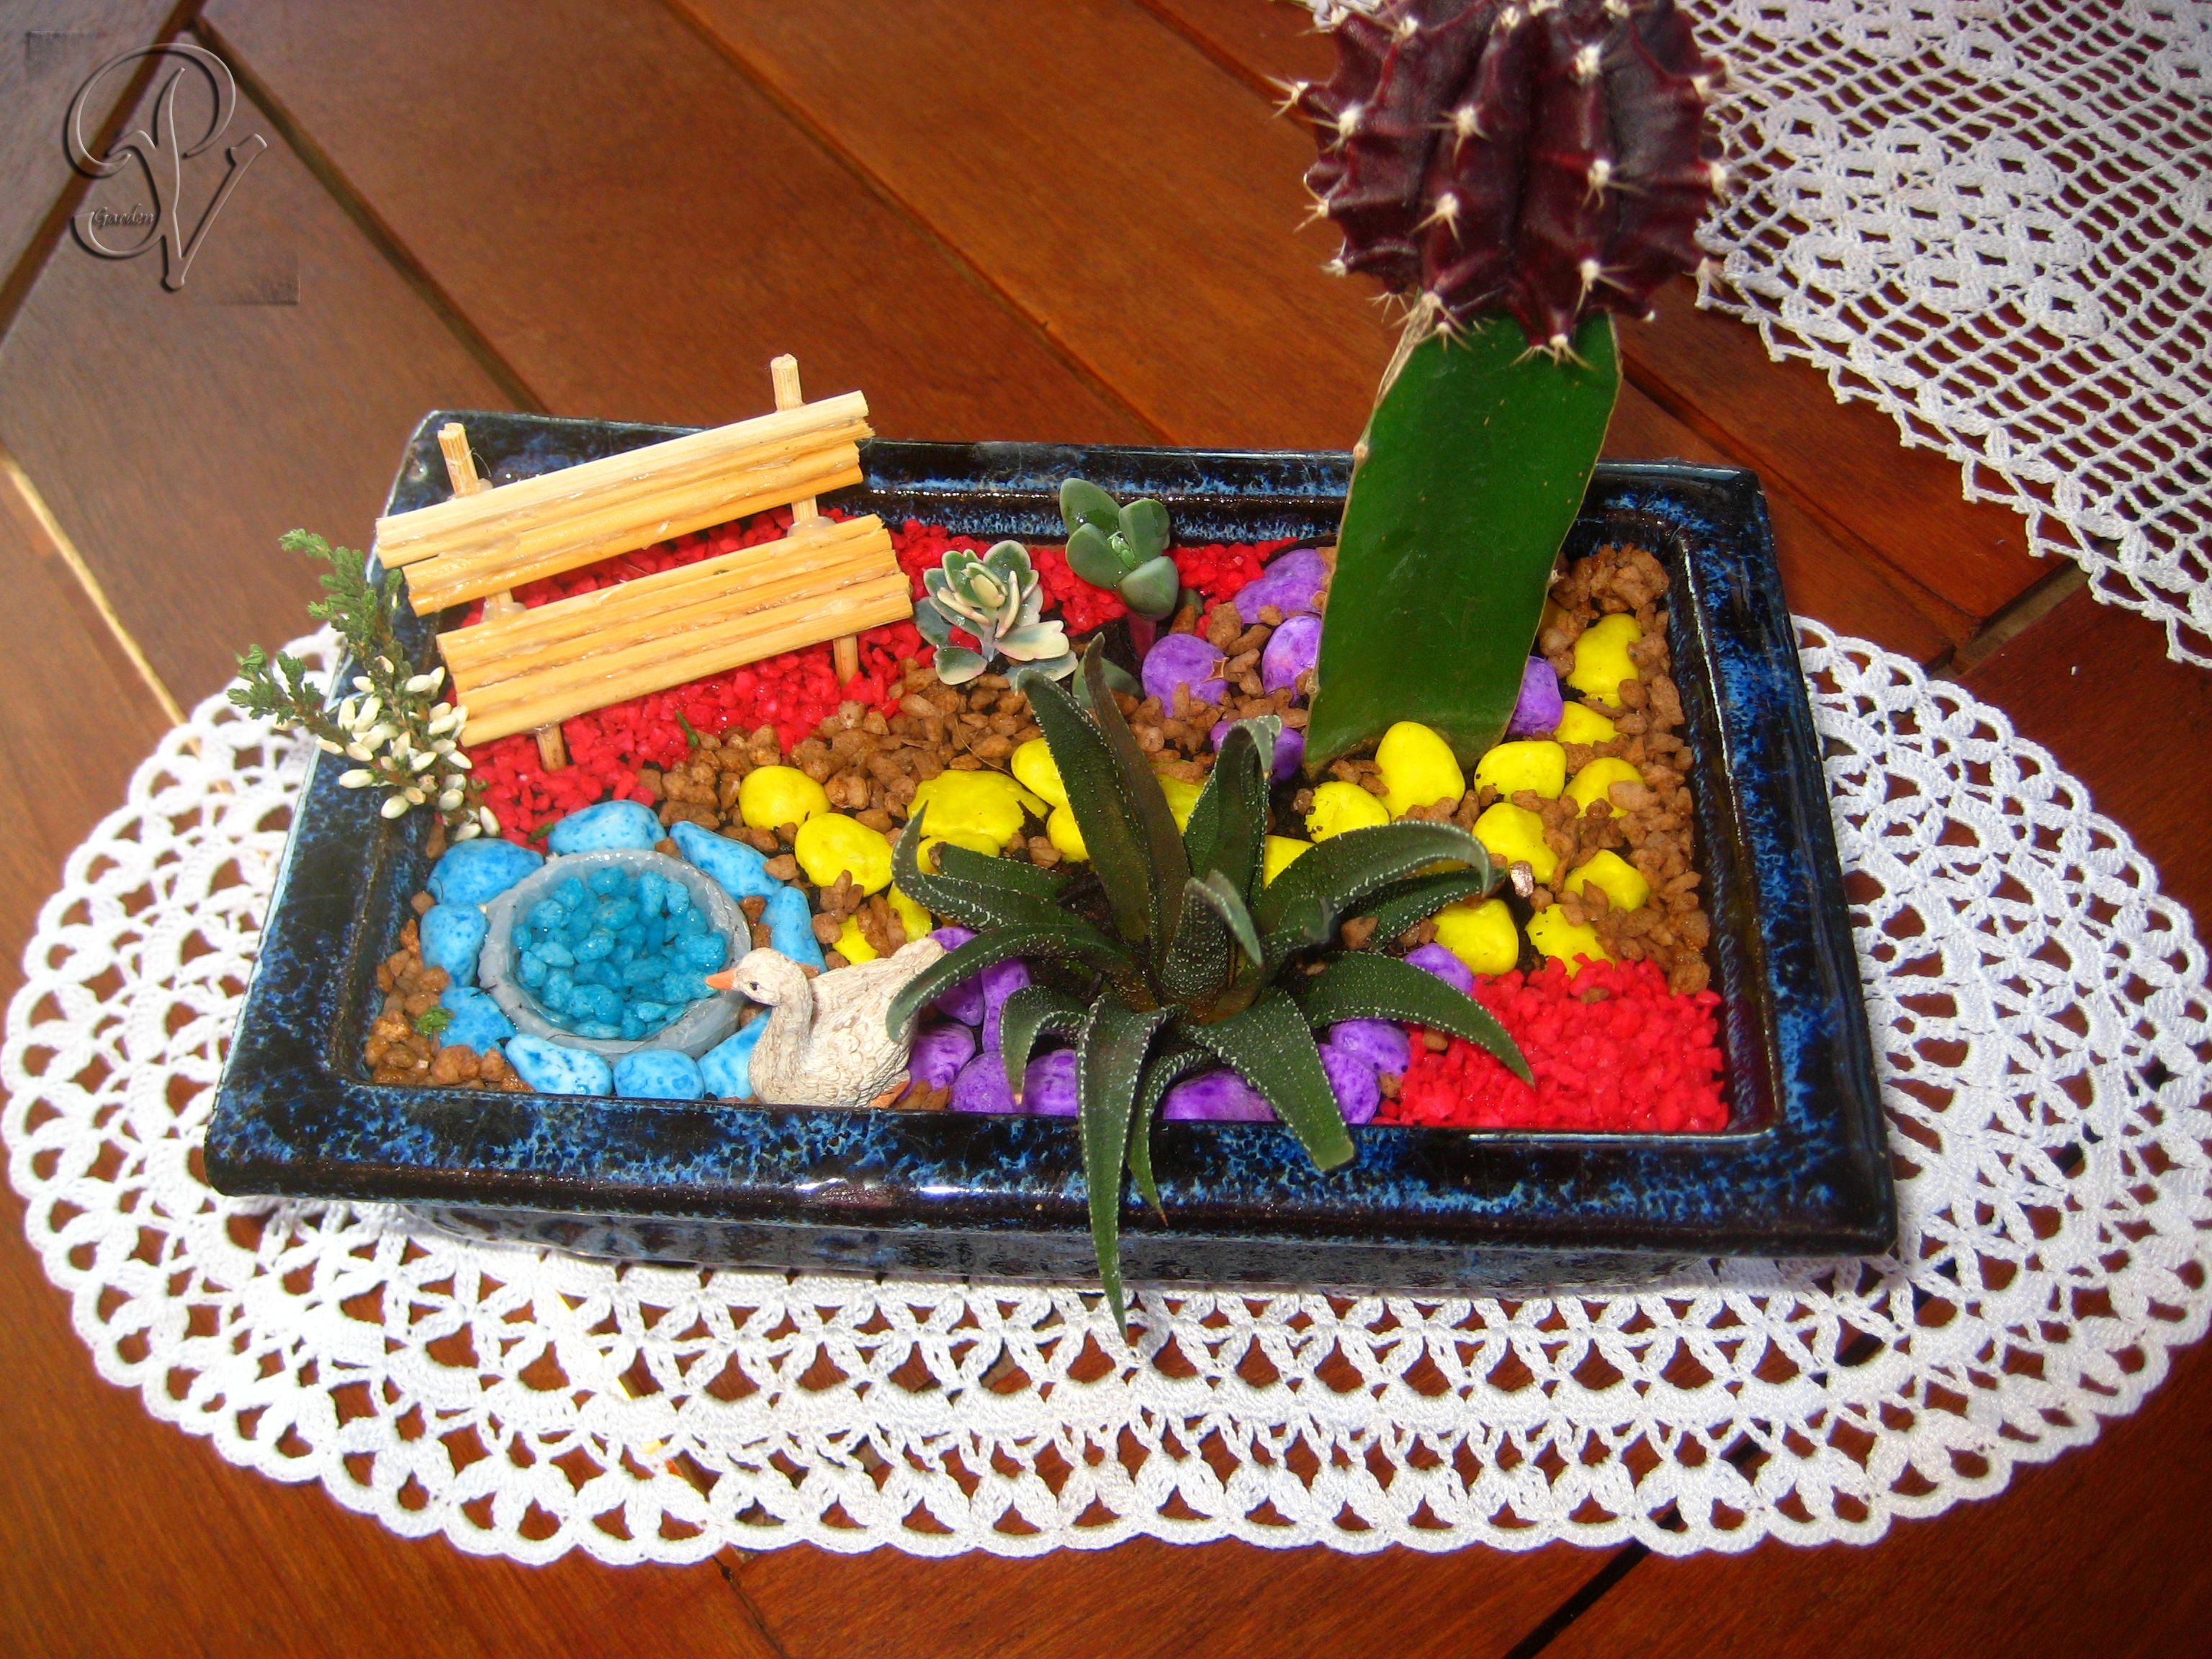 Giardino in miniatura creazioni artigianali terrario for Creazioni giardini